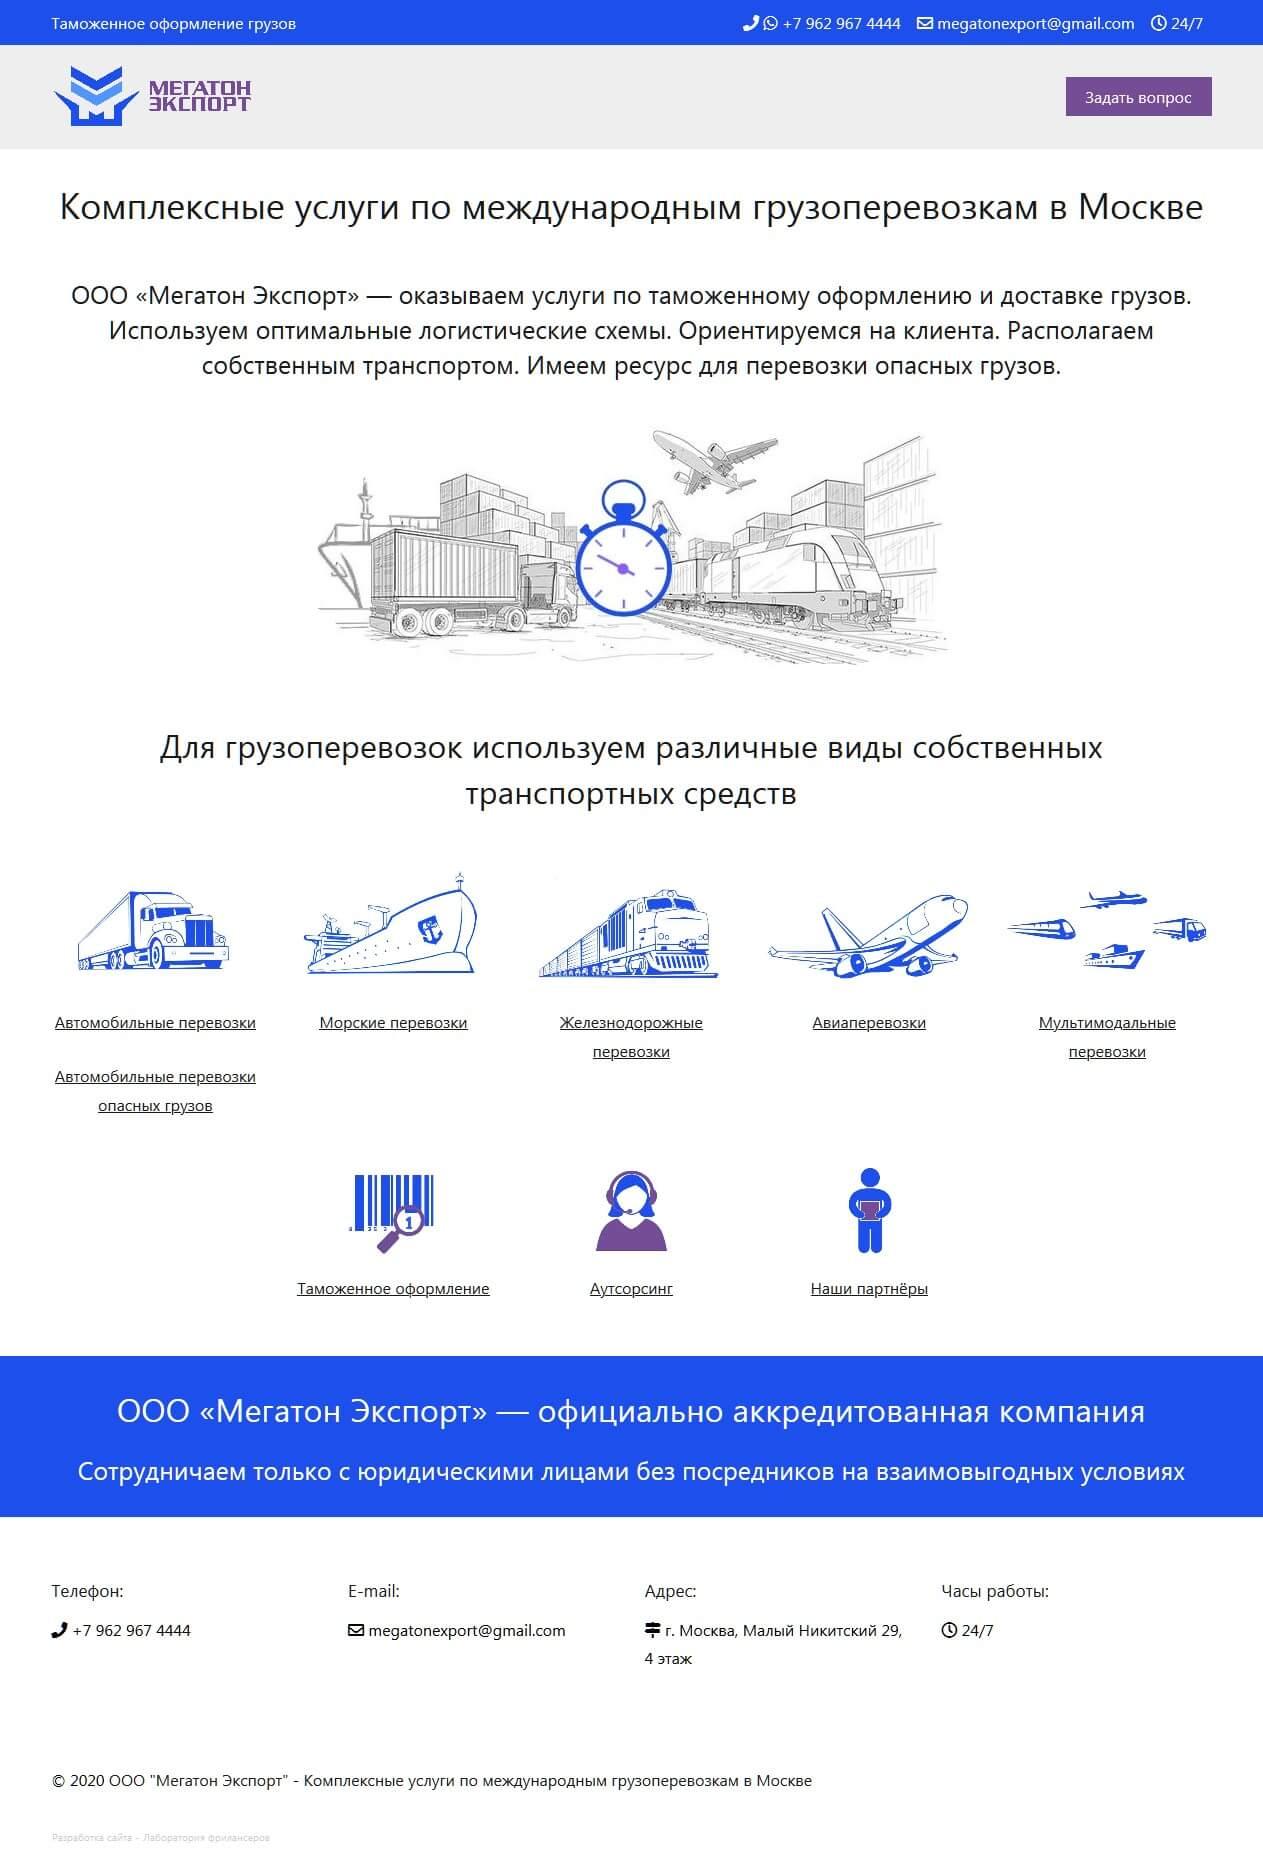 sozdanie-sayta-megatonexport